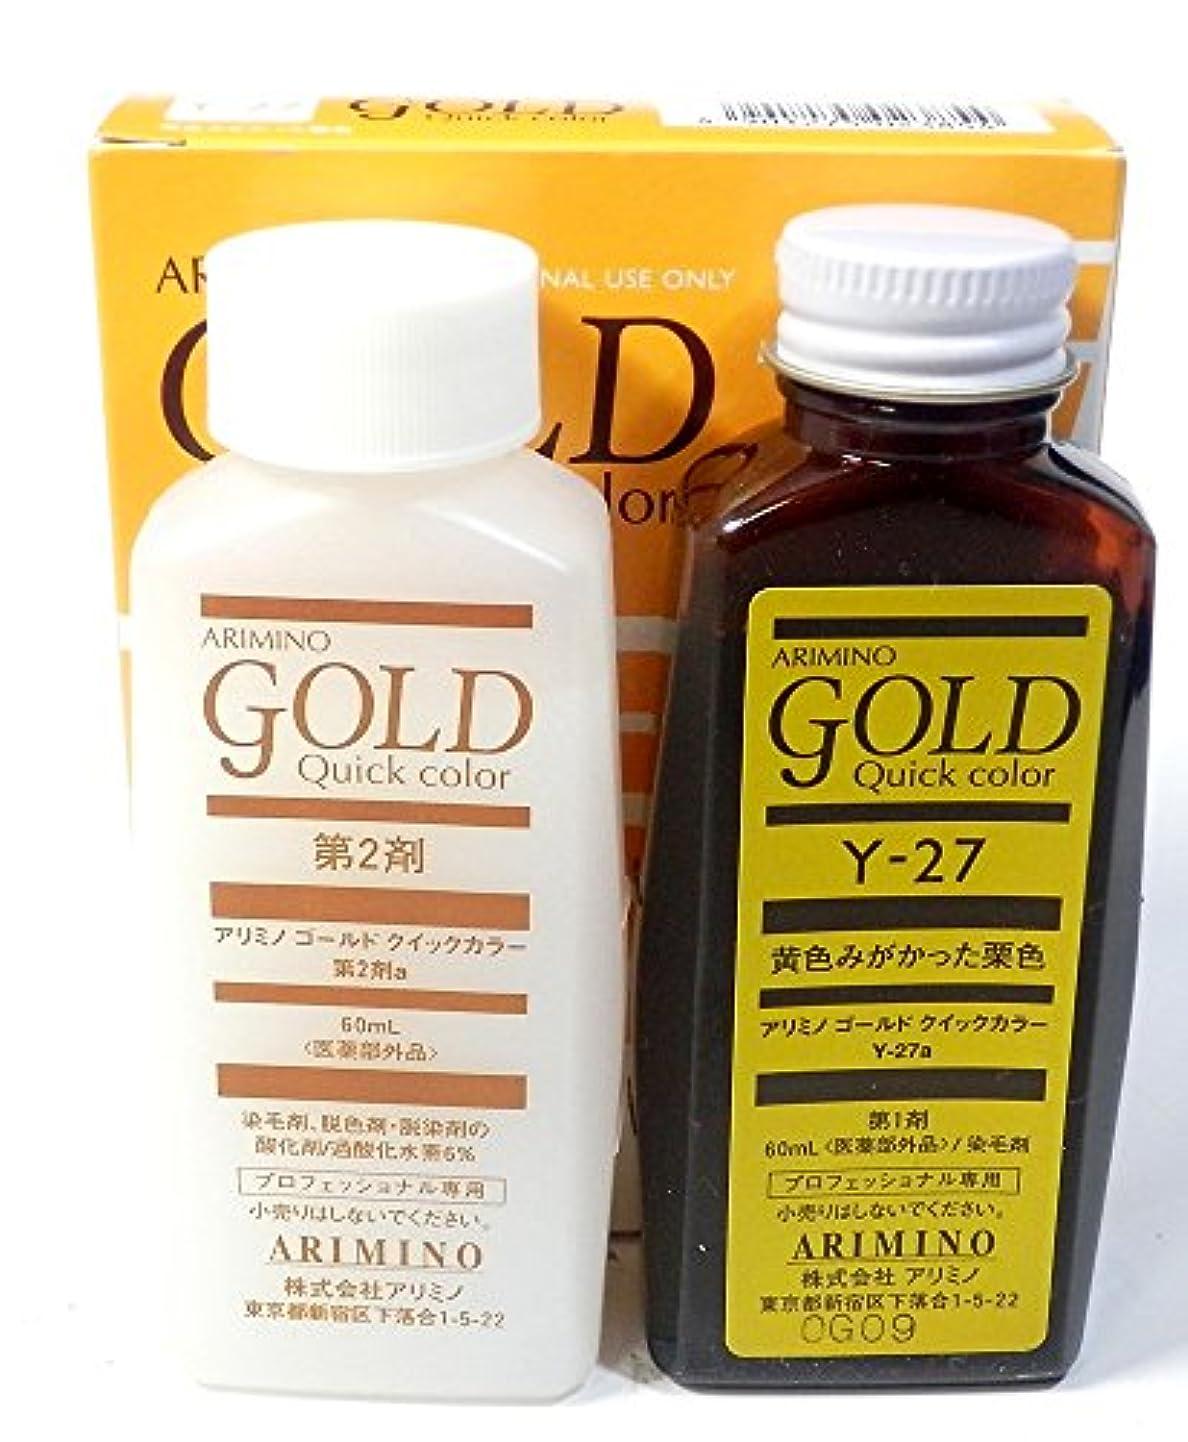 アリミノ ARIMINO ゴールド クイックカラー Y-27 白髪染め 新品 黄色みがかった栗色